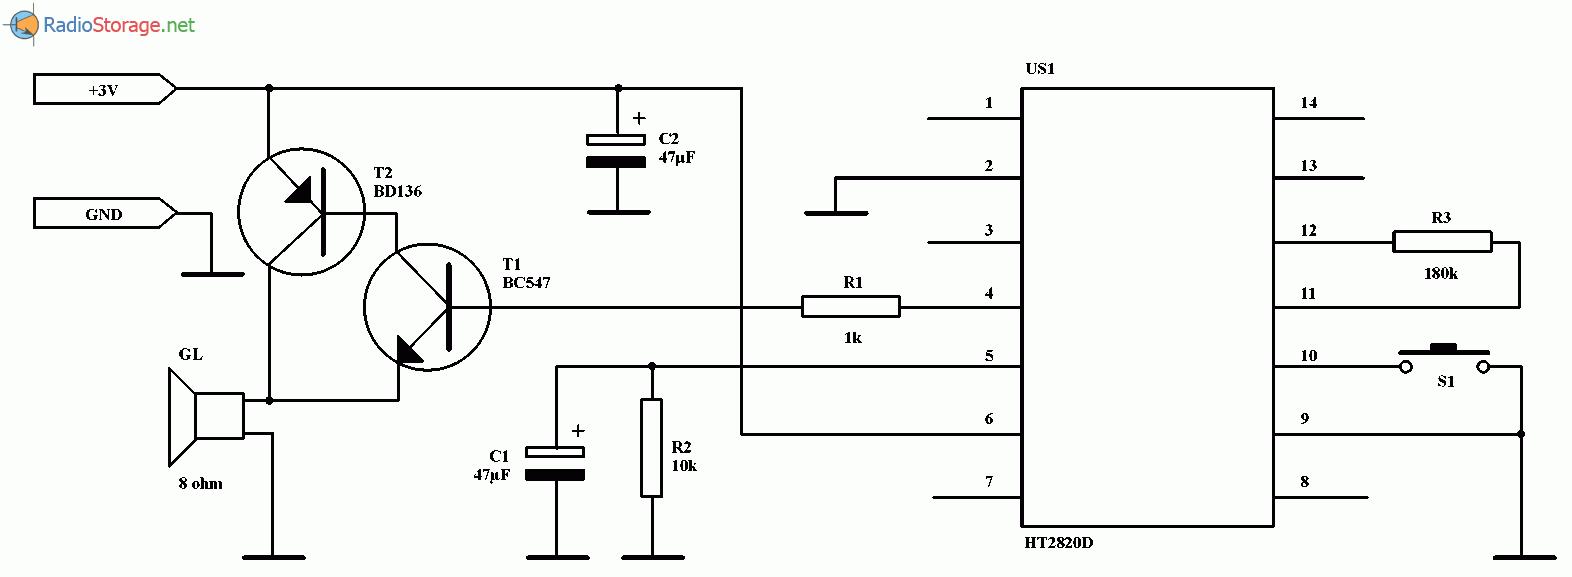 Электронный дверной звонок DING-DONG на микросхеме HT2828D, схема